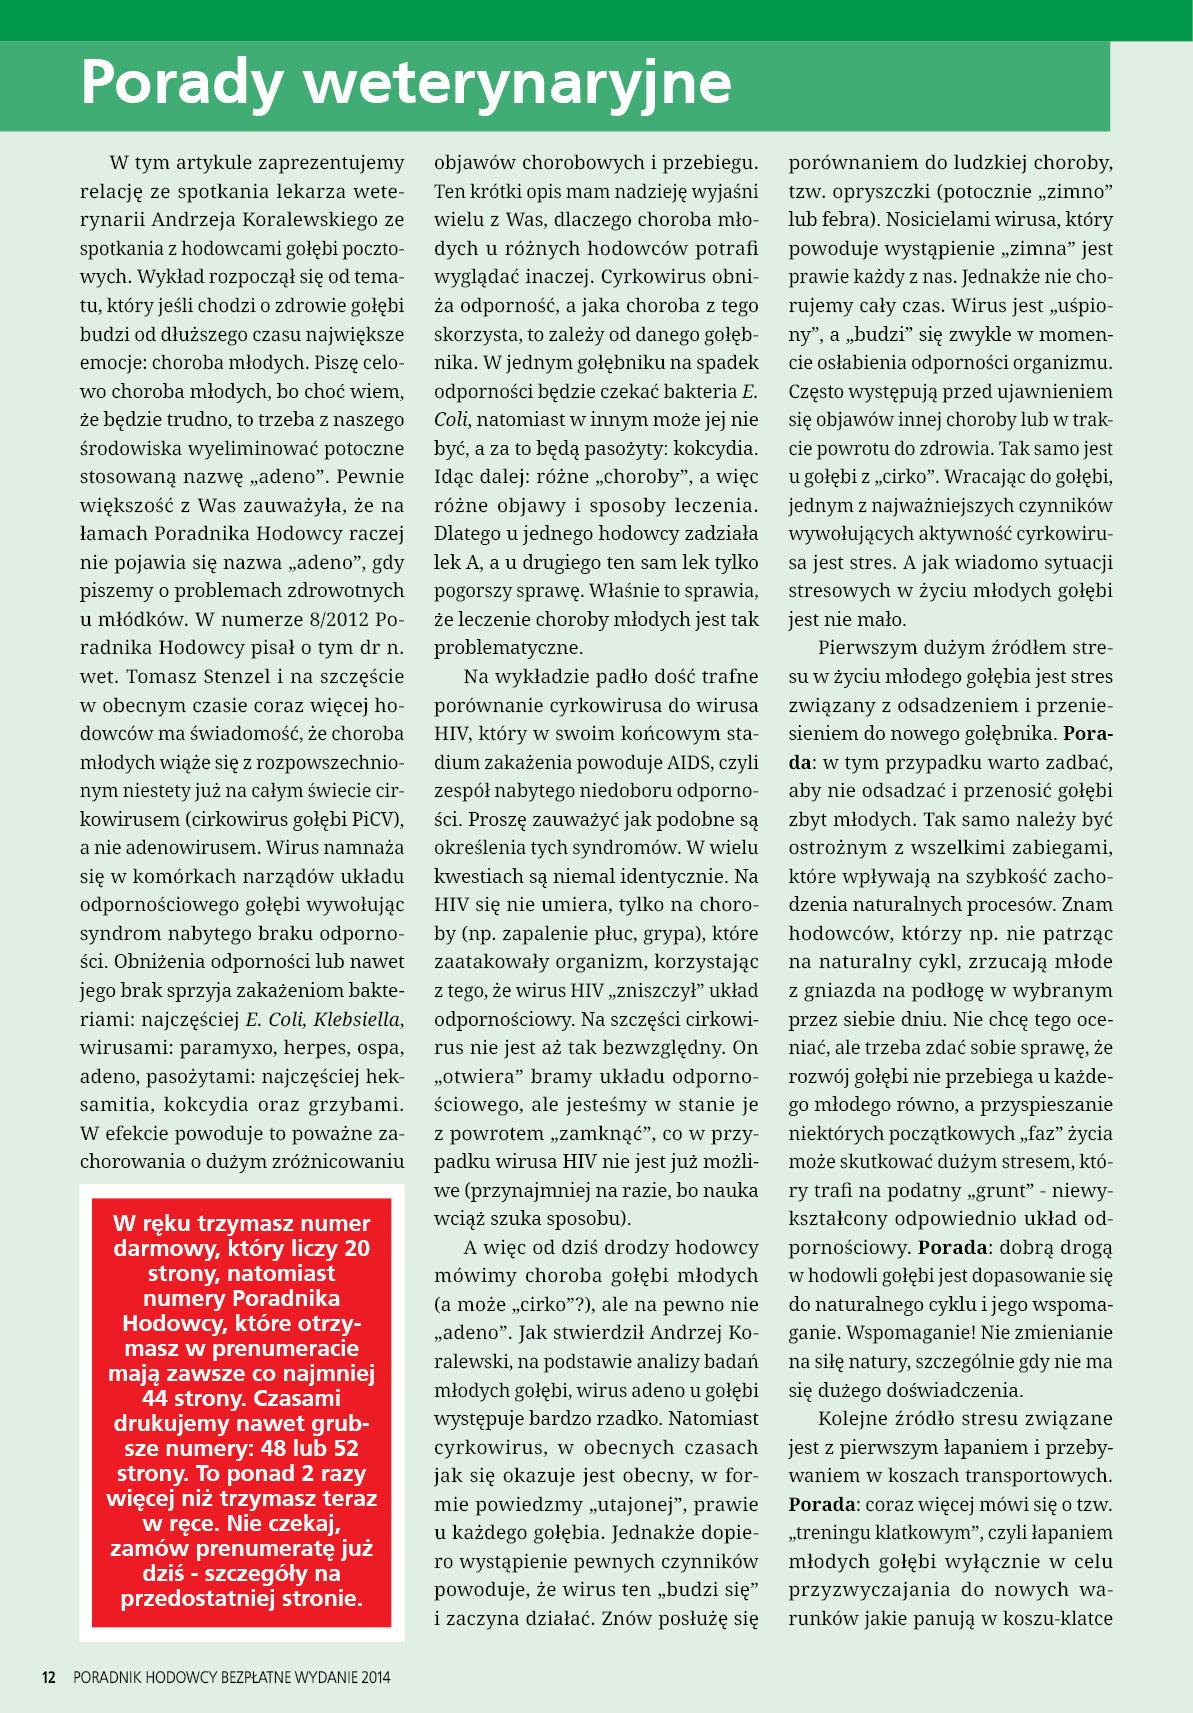 Darmowy numer specjalny Poradnika Hodowcy 2014 - strona 12